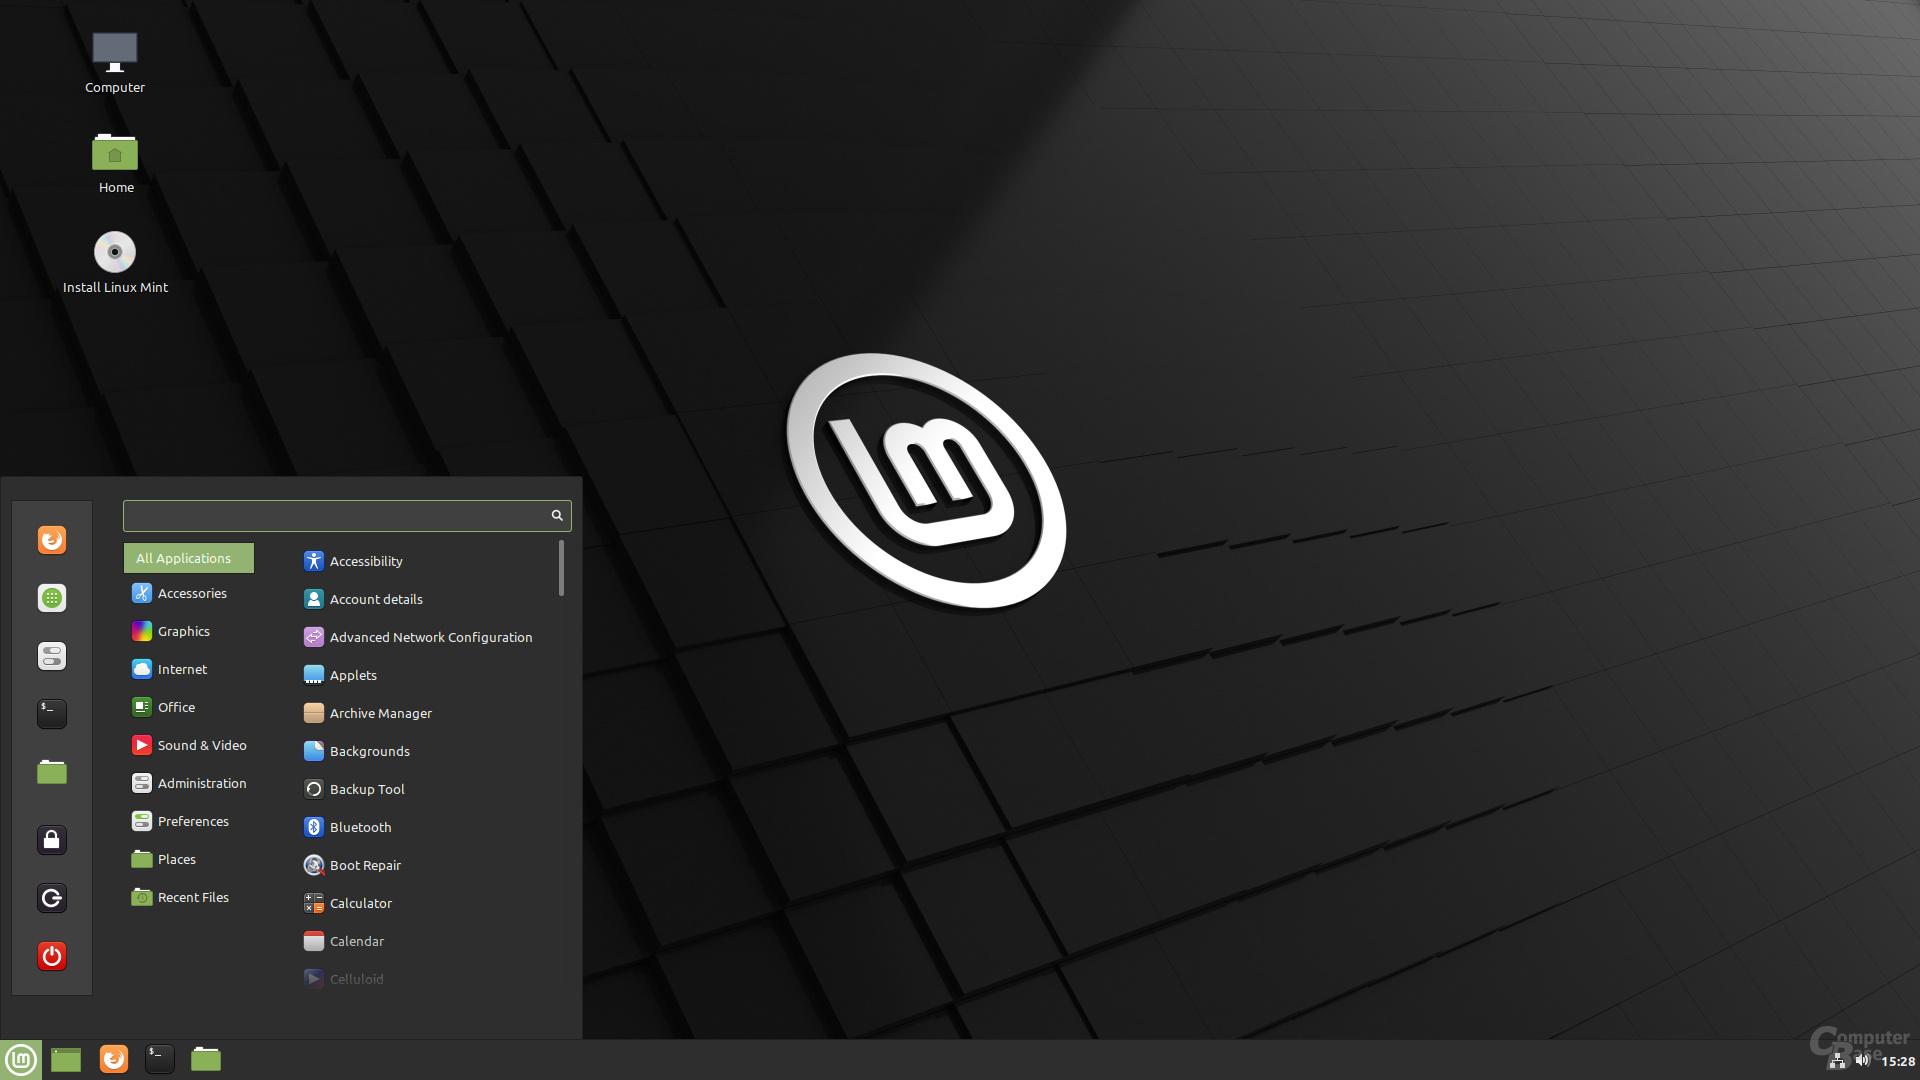 Das bekannteste Ubuntu-Derivat ist Linux Mint